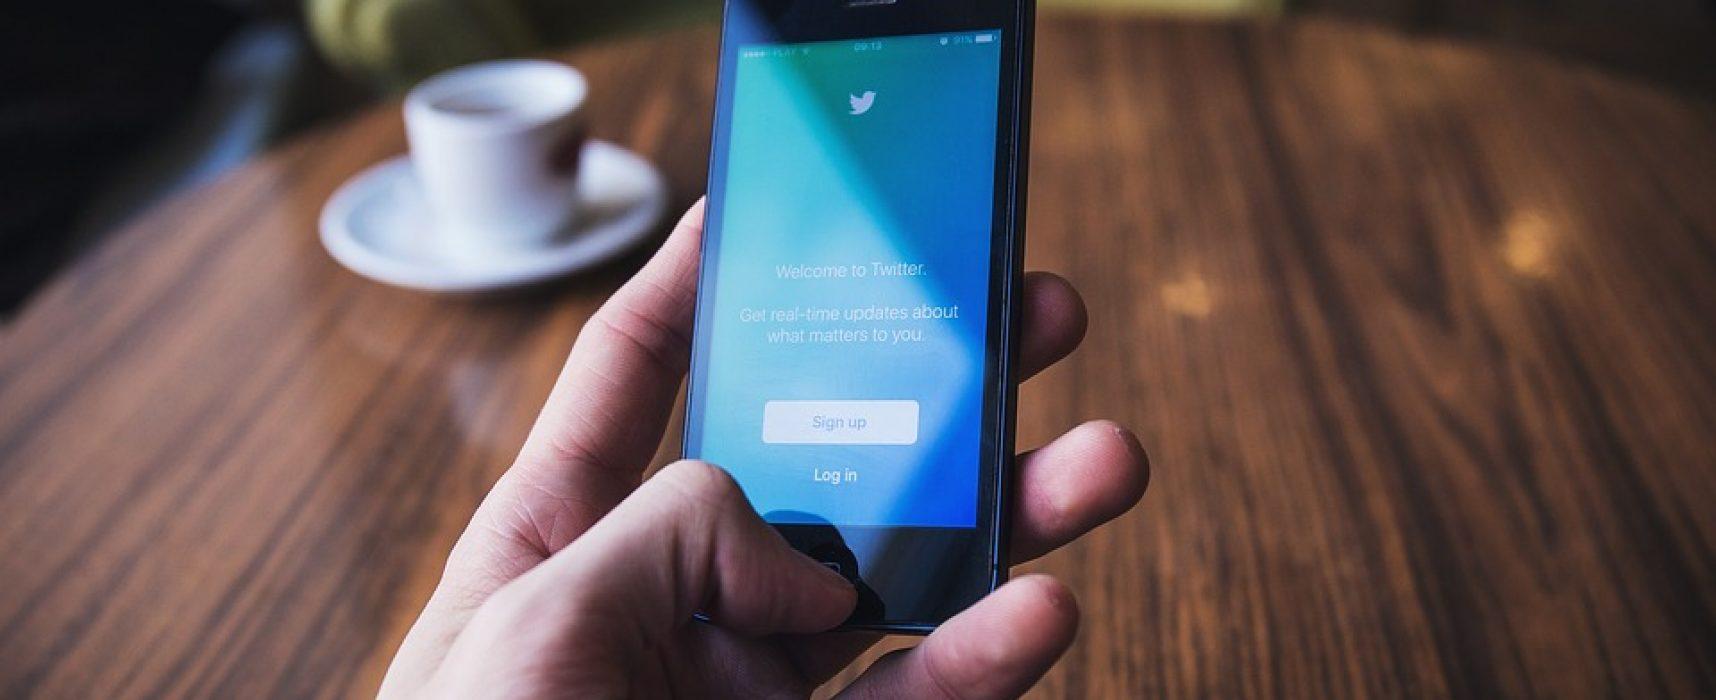 Ponad 10000 kont dezinformacyjnych usuniętych z Twittera